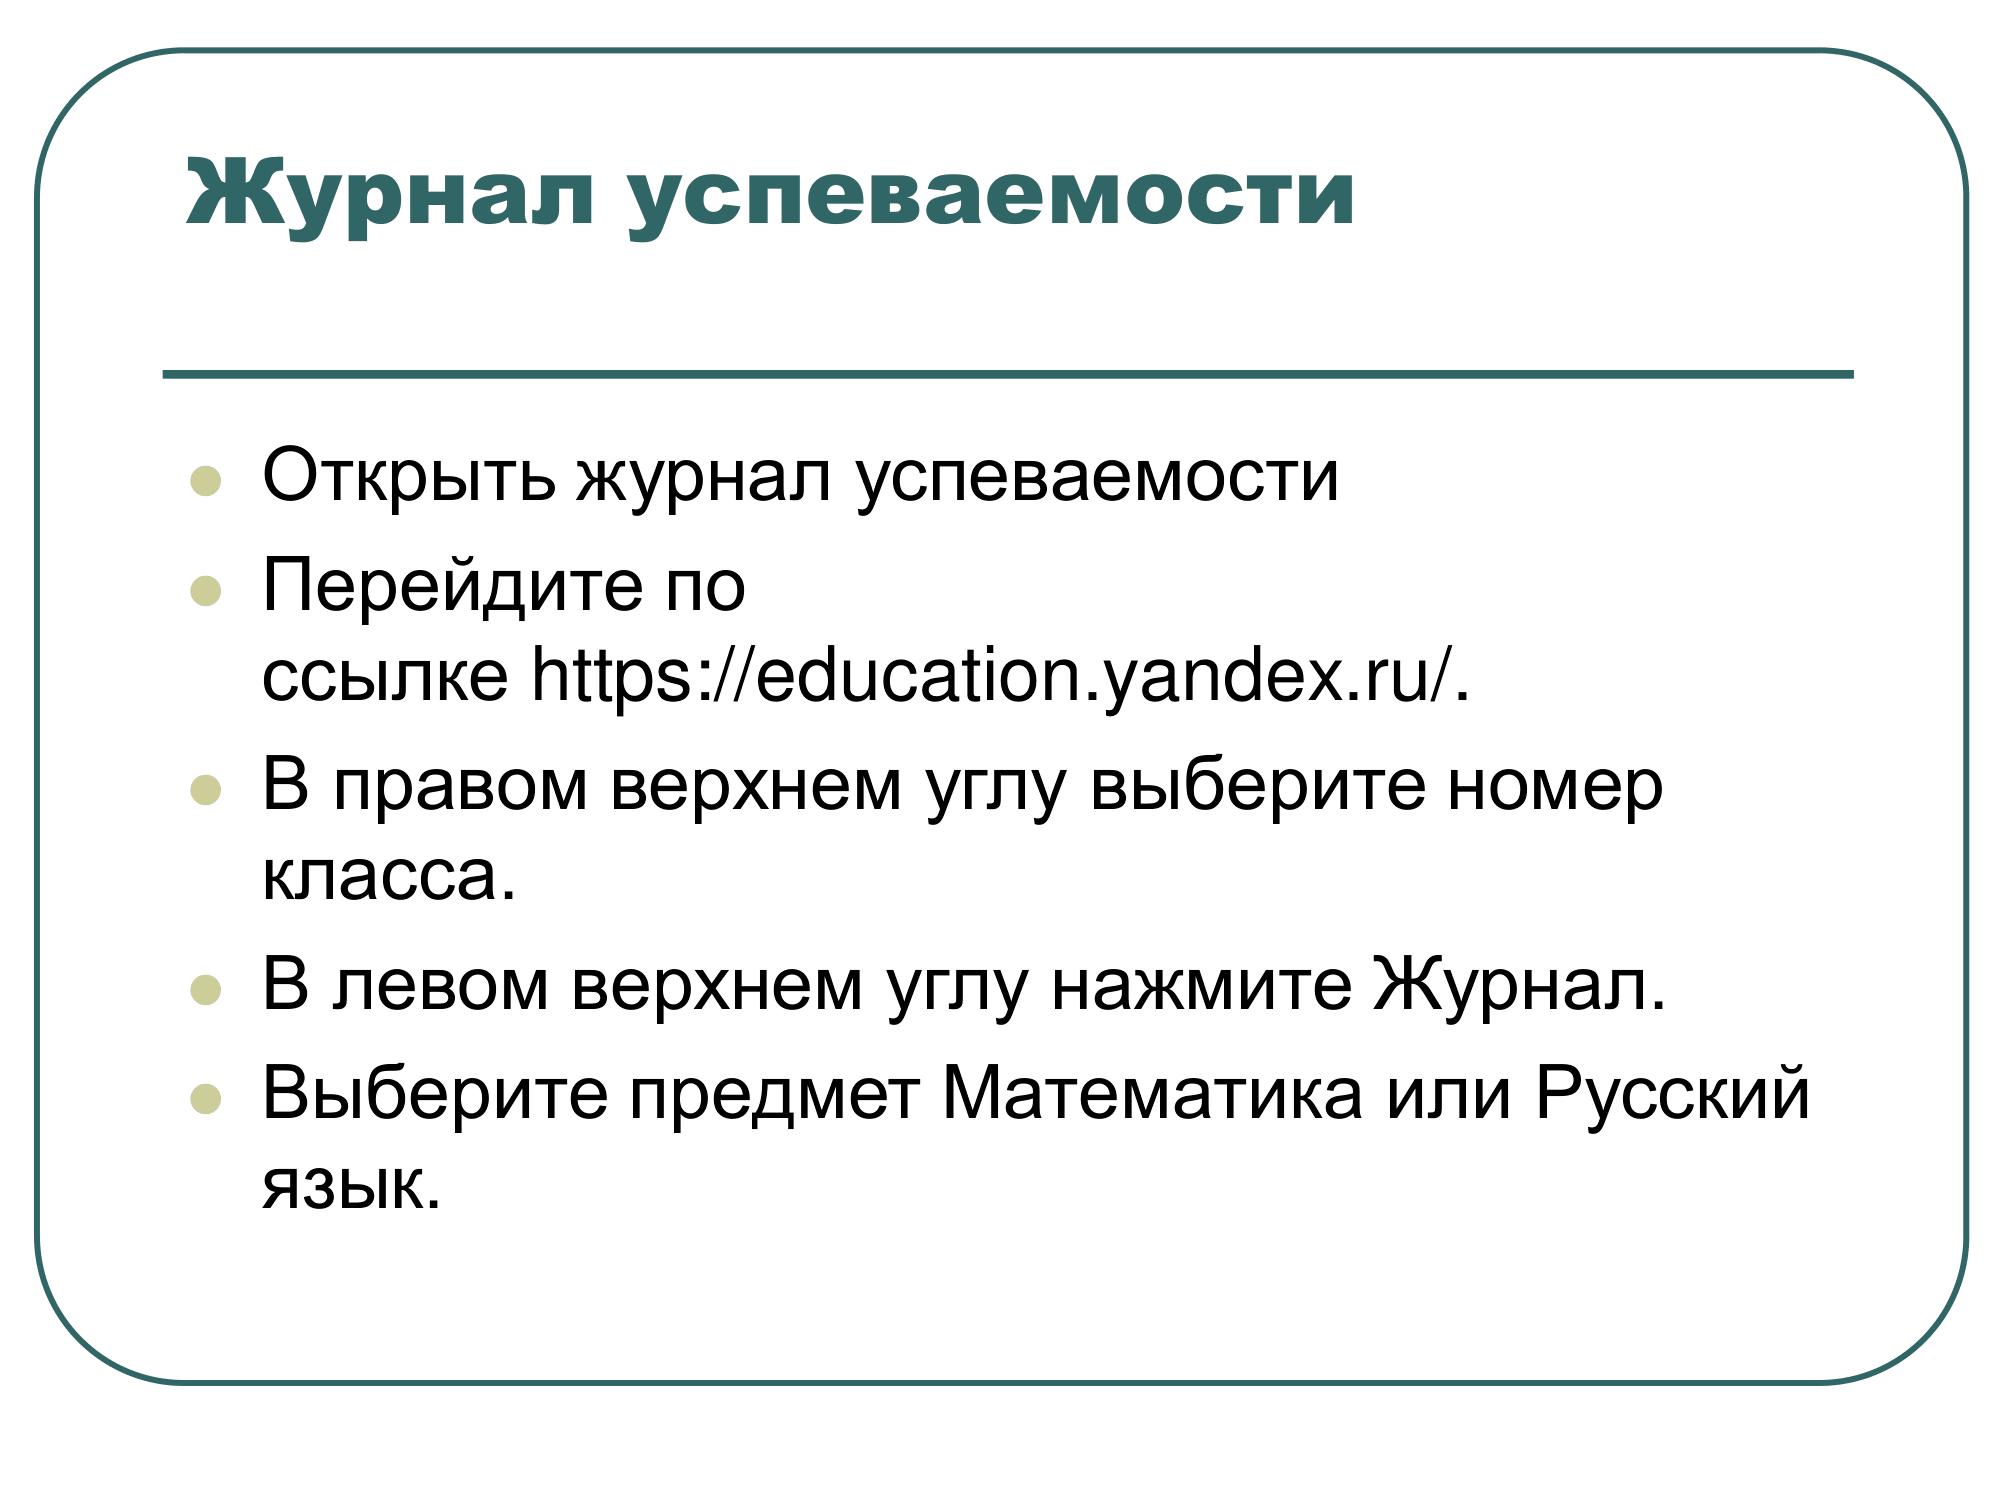 яндекс учебник. Презентация к докладу Васильченко Т.В._0005